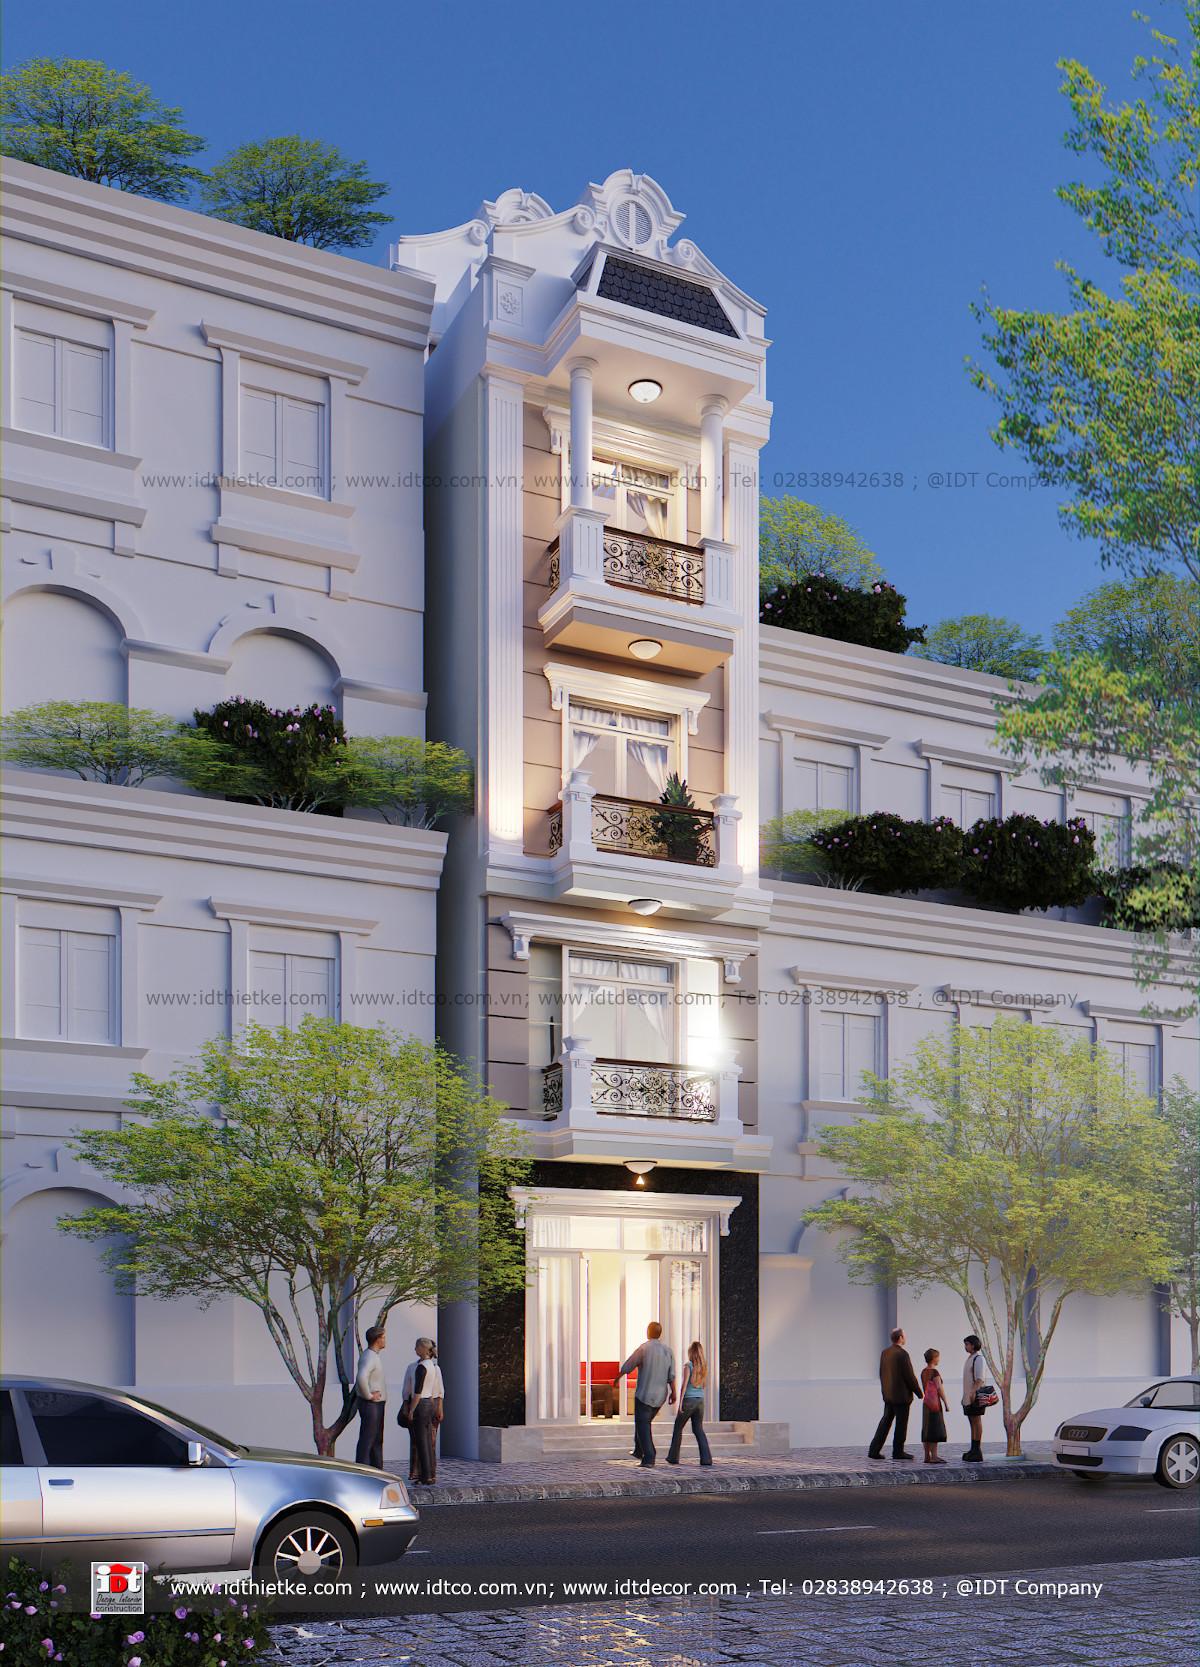 Thiết kế nhà phố phong cách cổ điển